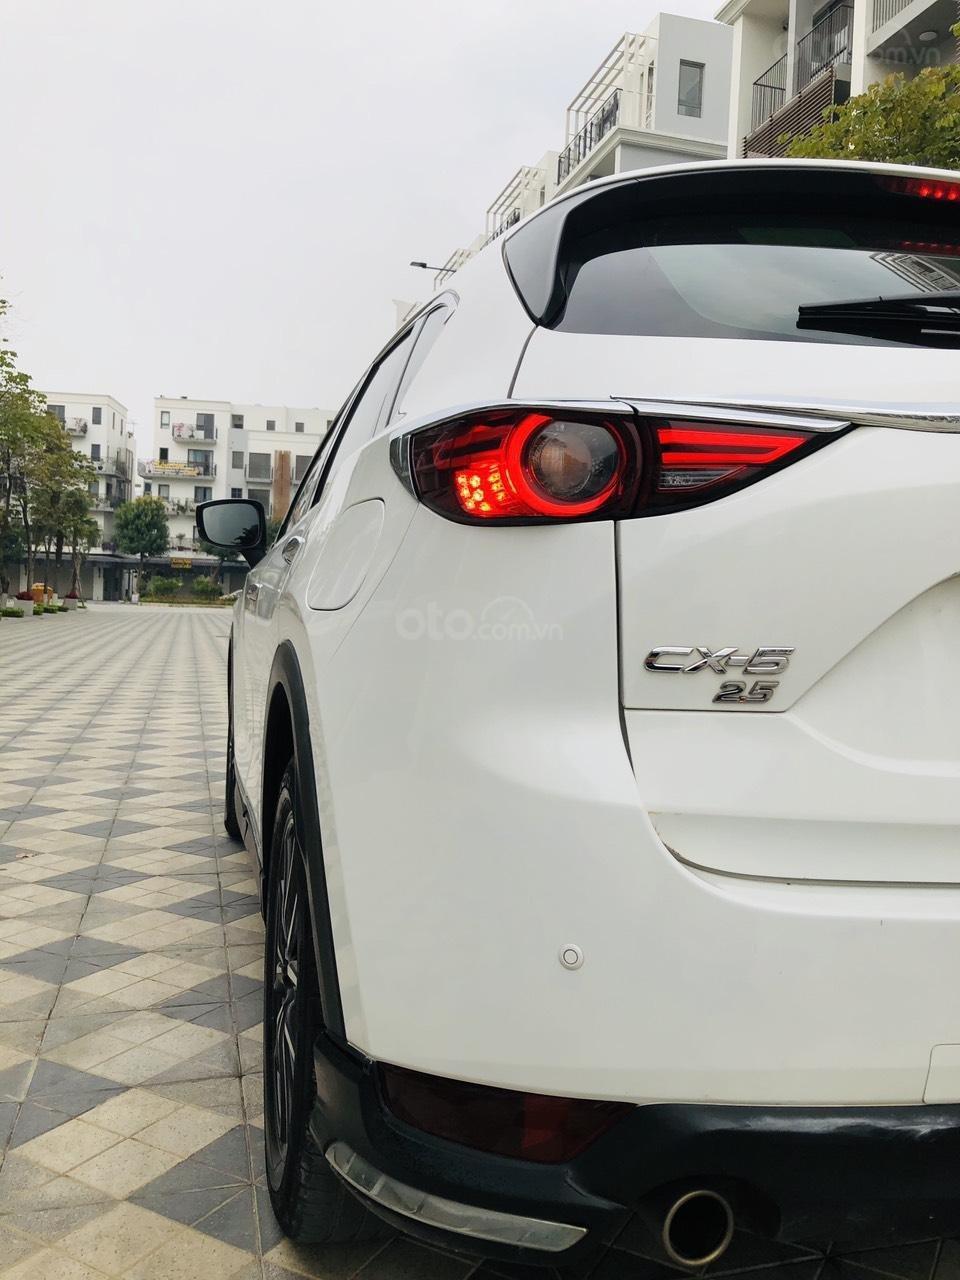 [Hot] bán nhanh Mazda CX5 2.5 đời 2018 màu trắng, xe 1 chủ từ đầu biển HN, xe đẹp không 1 lỗi nhỏ (5)